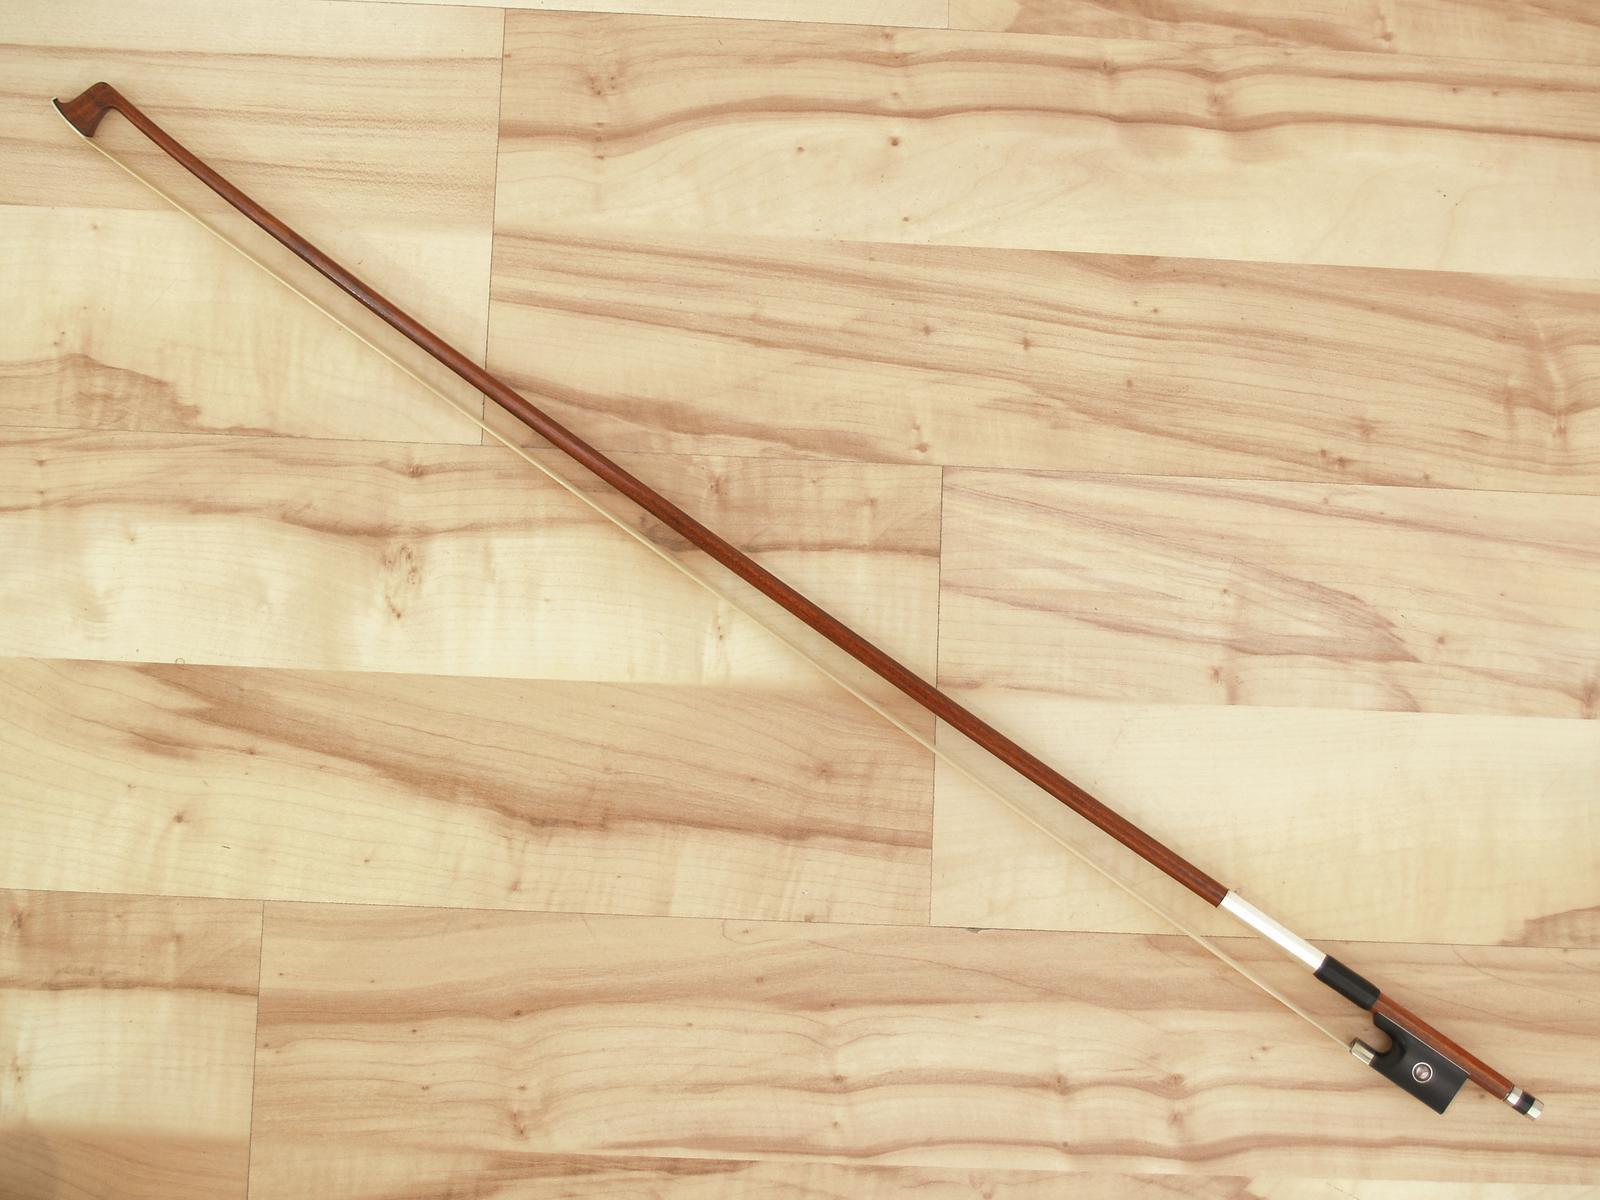 Arco archetto per violino 4/4 standart universale in ebano DIMAVERY